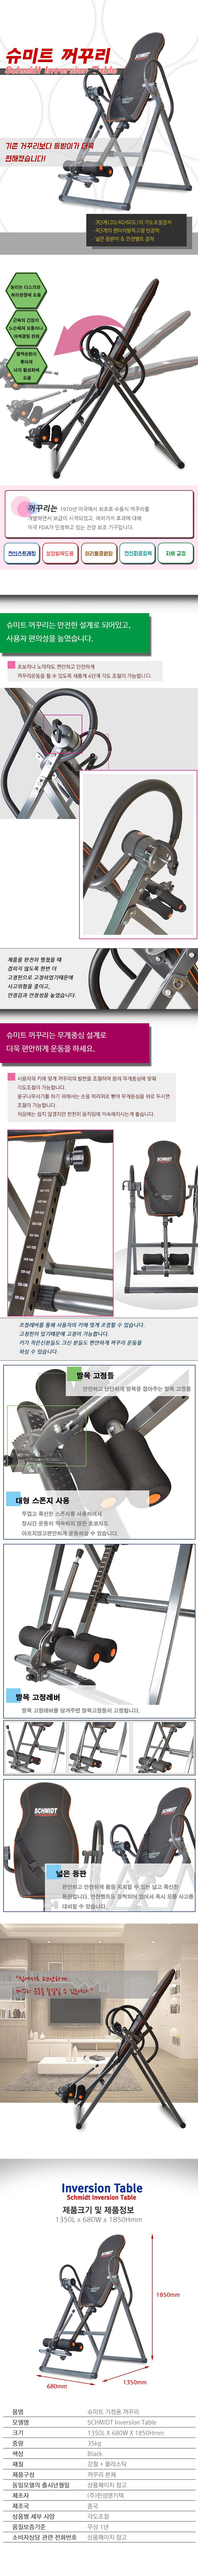 SMT-2200%20SPEC.jpg